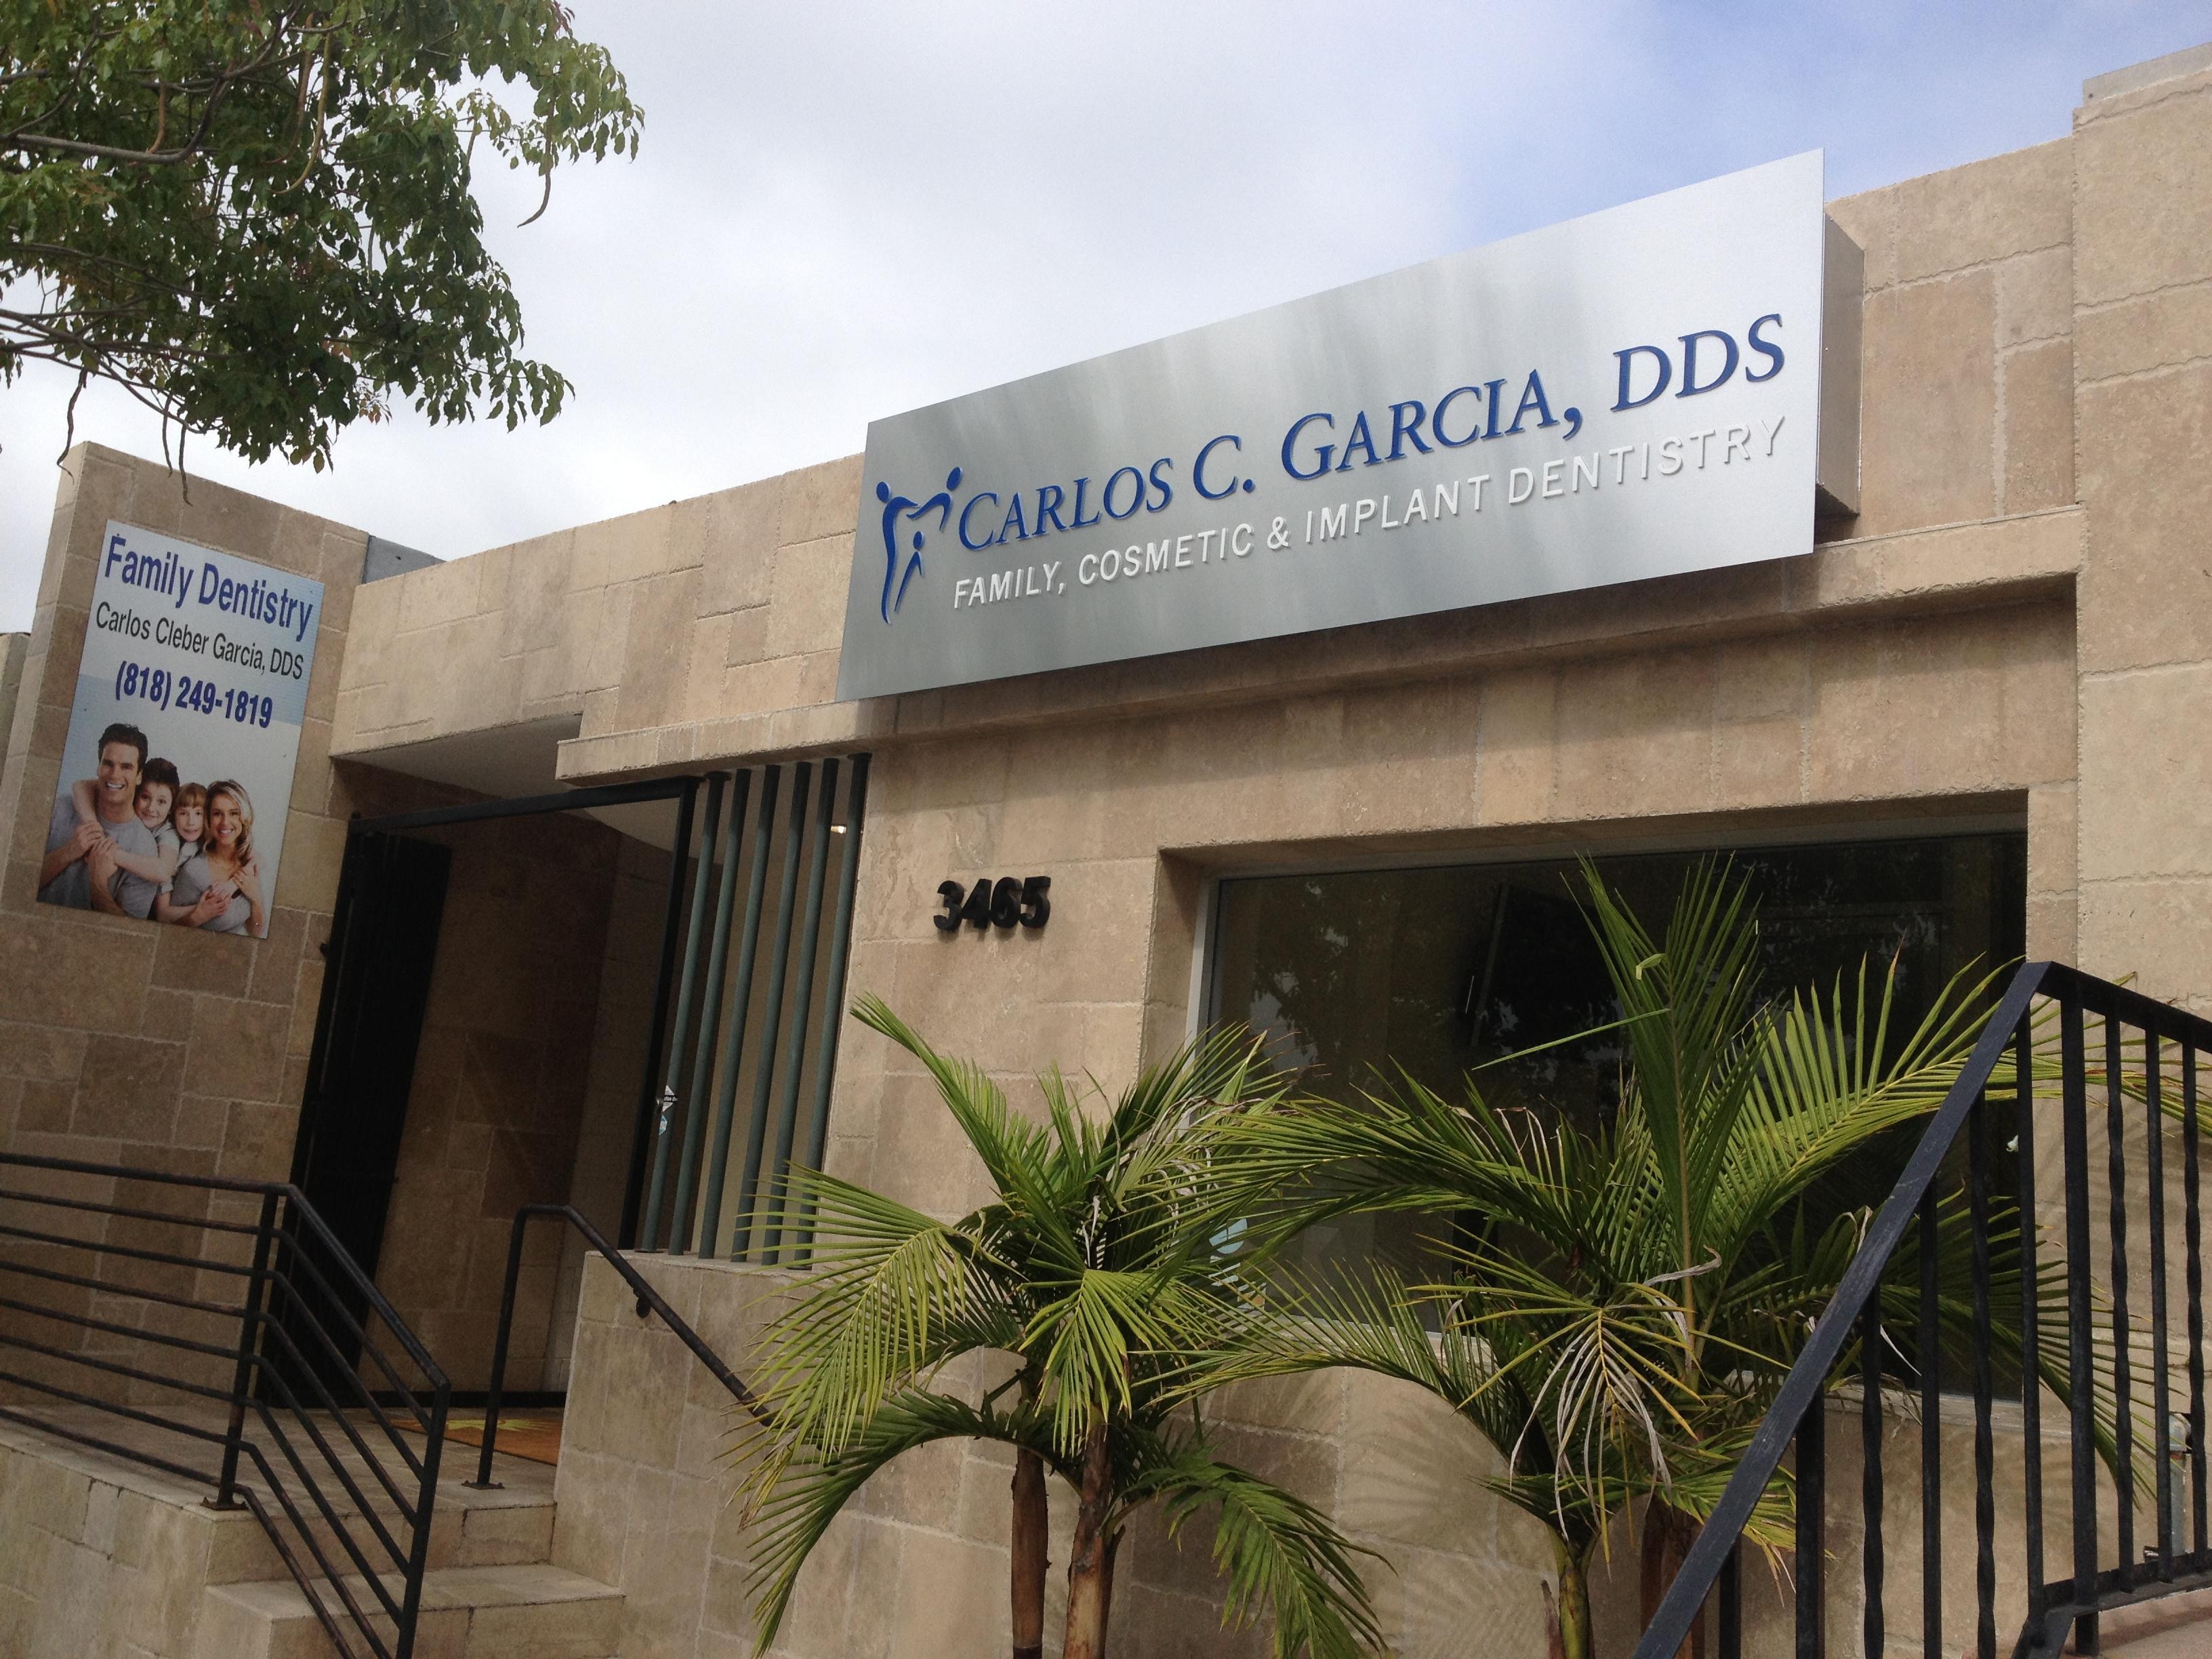 Carlos C. Garcia, Dds